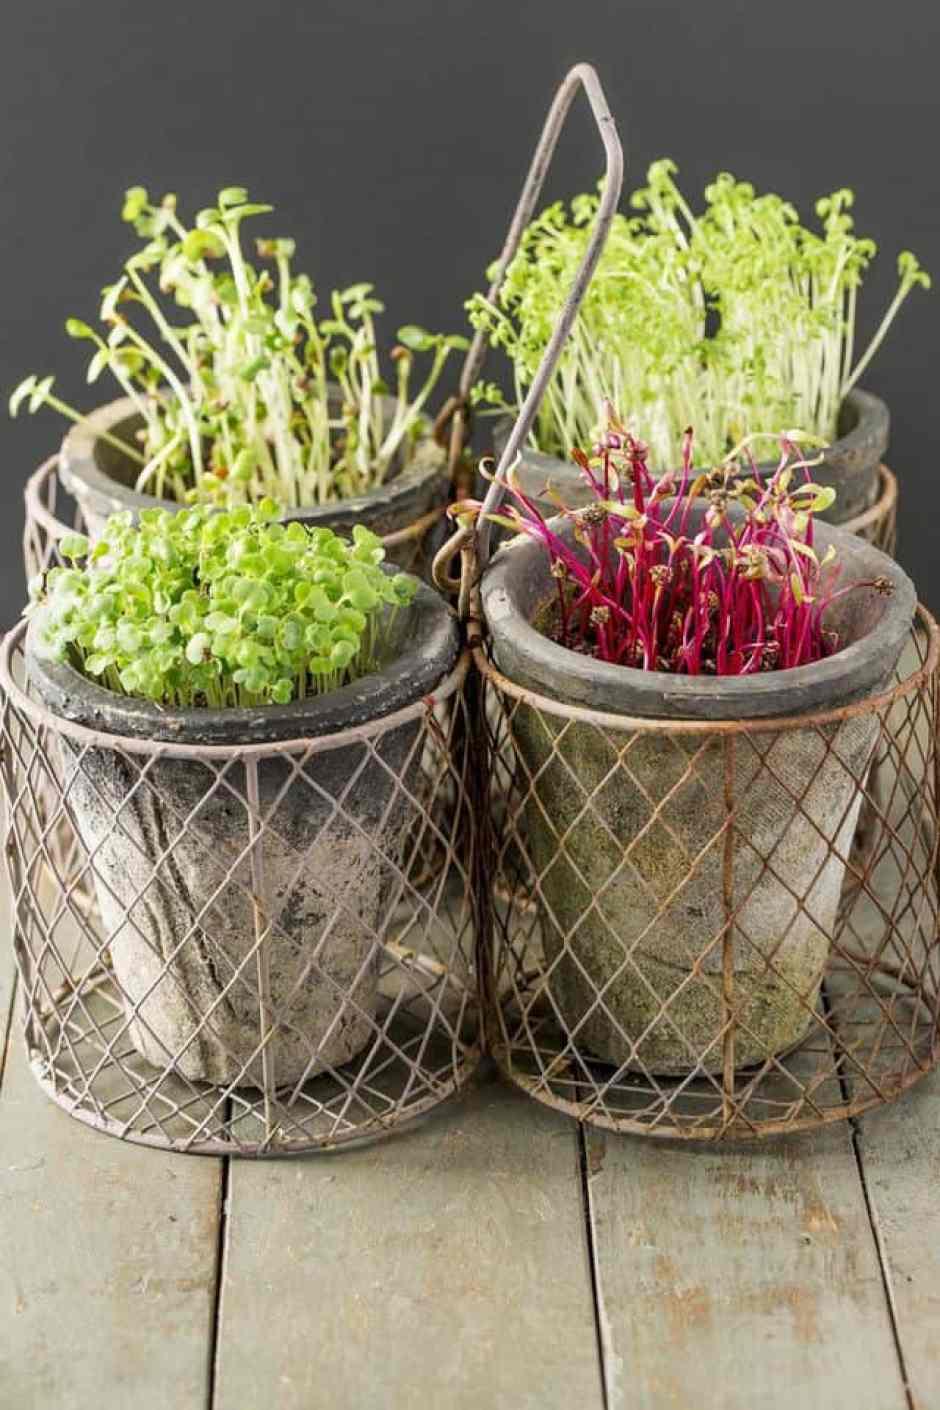 I micro-ortaggi non si possono definire germogli, come qualcuno fa in modo scorretto, ma si tratta di una vera e propria nuova categoria di piante e ortaggi che si basa sulla raccolta precoce e su un sistema di coltivazione molto ristretto